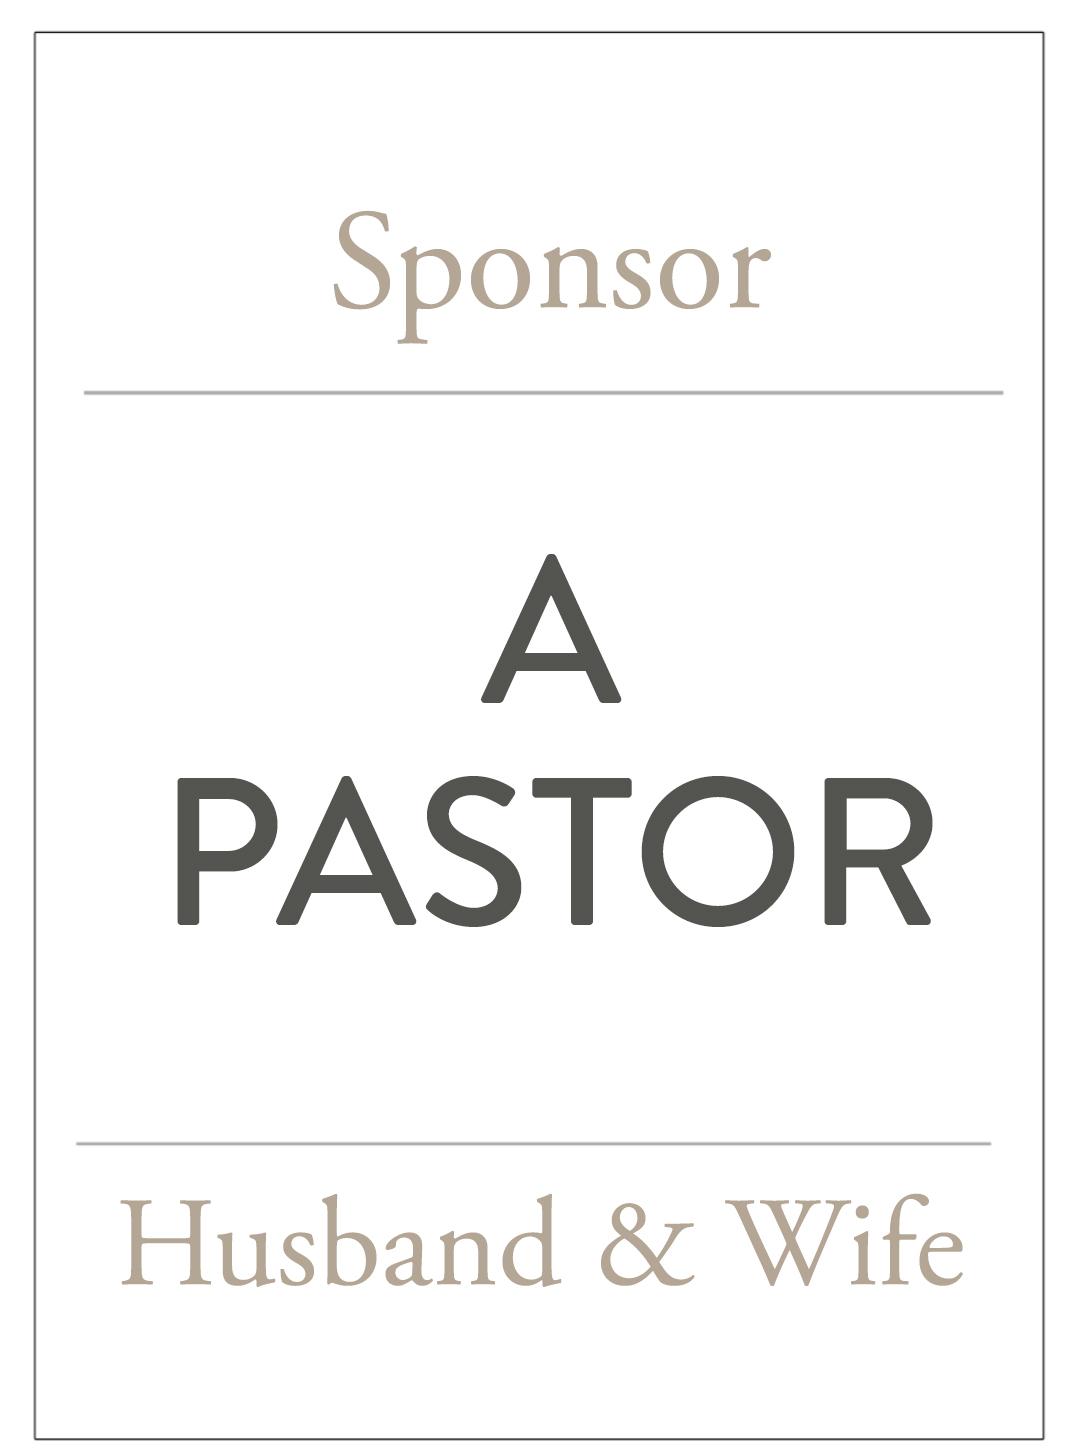 Sponsor Pastor.jpg